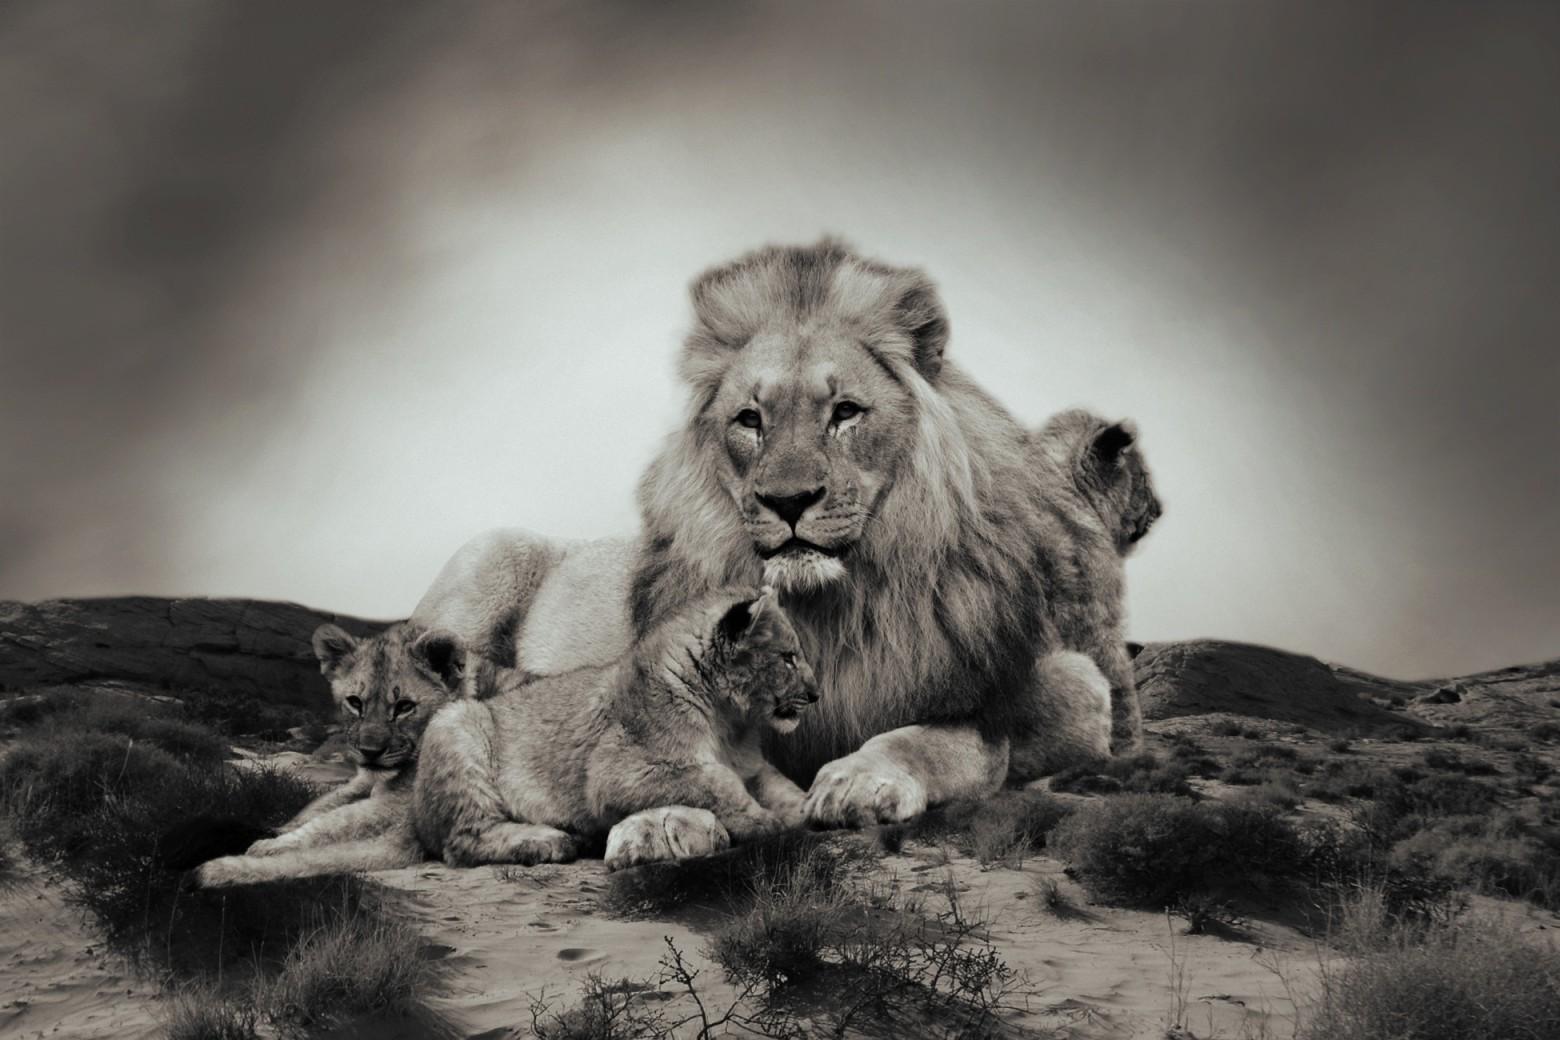 Lion Fond D Ecran Images Gratuites Images Gratuites Et